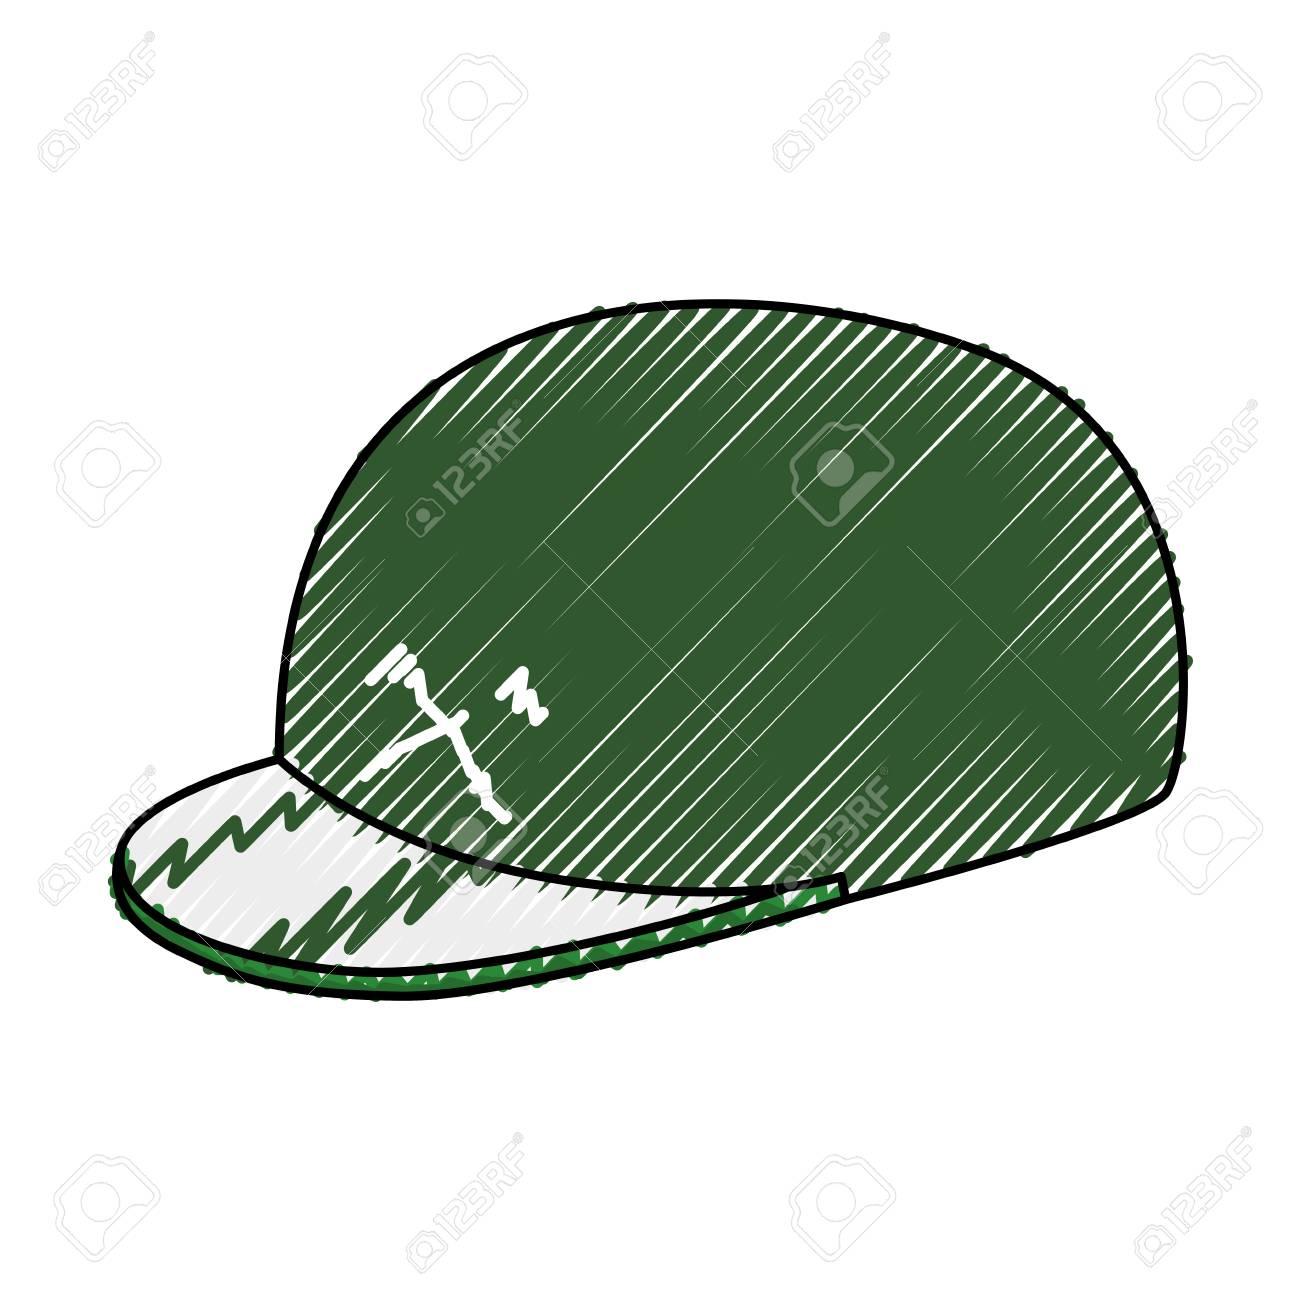 Foto de archivo - Gorra de golf deporte sombrero icono ilustración  vectorial diseño gráfico bc49934dcef